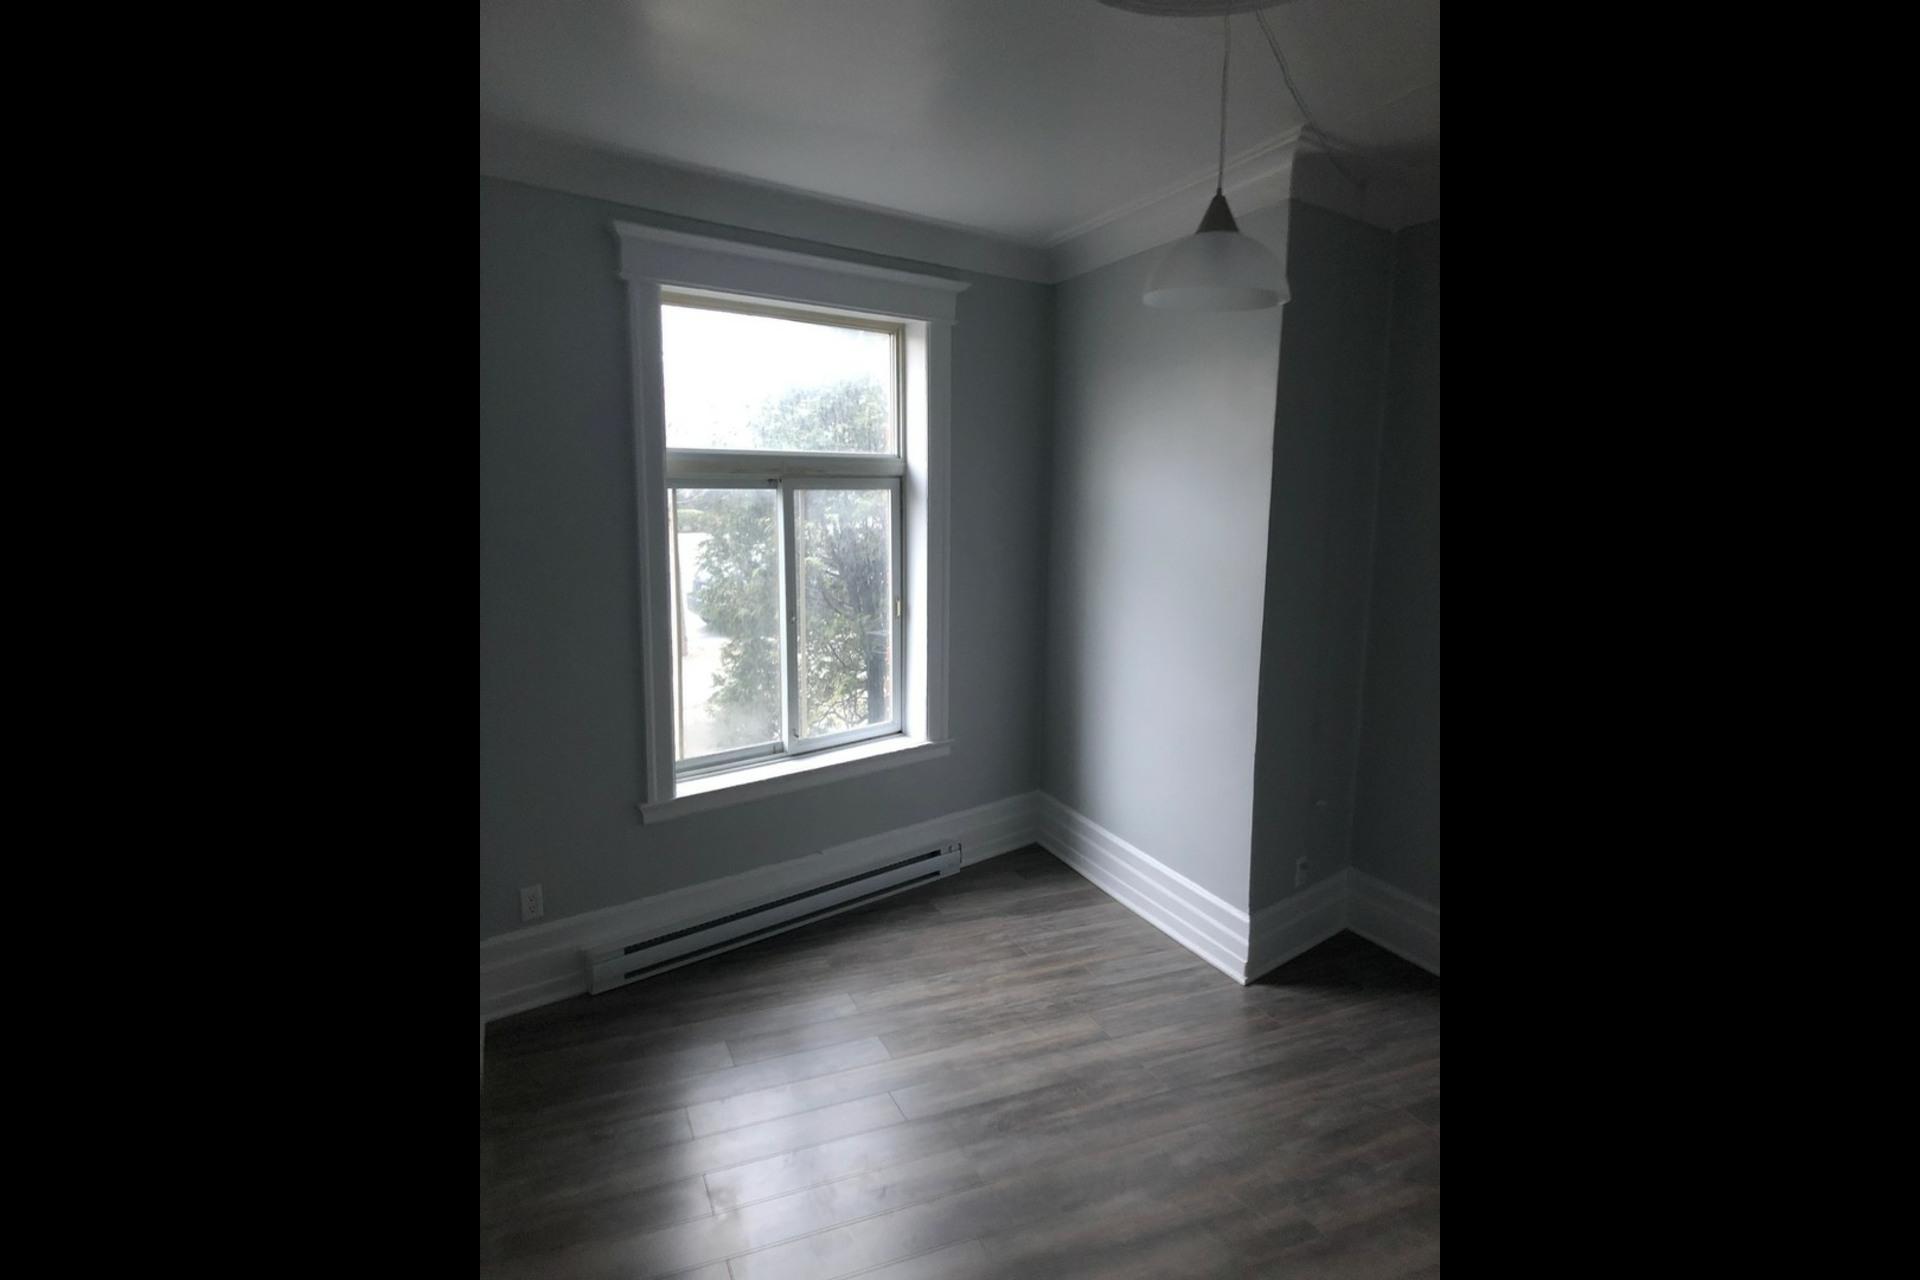 image 9 - Appartement À louer Montréal Le Plateau Mont-Royal - 4 pièces